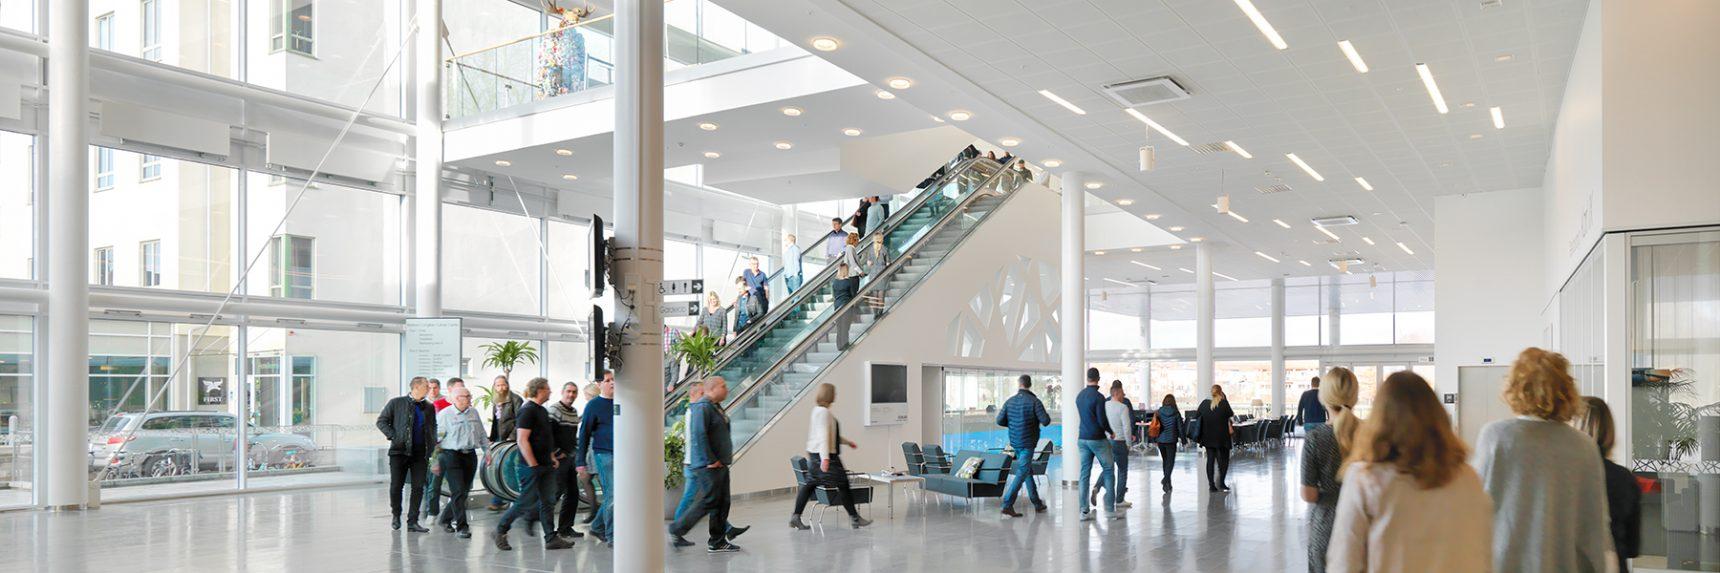 Entréplan på Karlstad CCC. Arrangera kongress, konferens eller event.